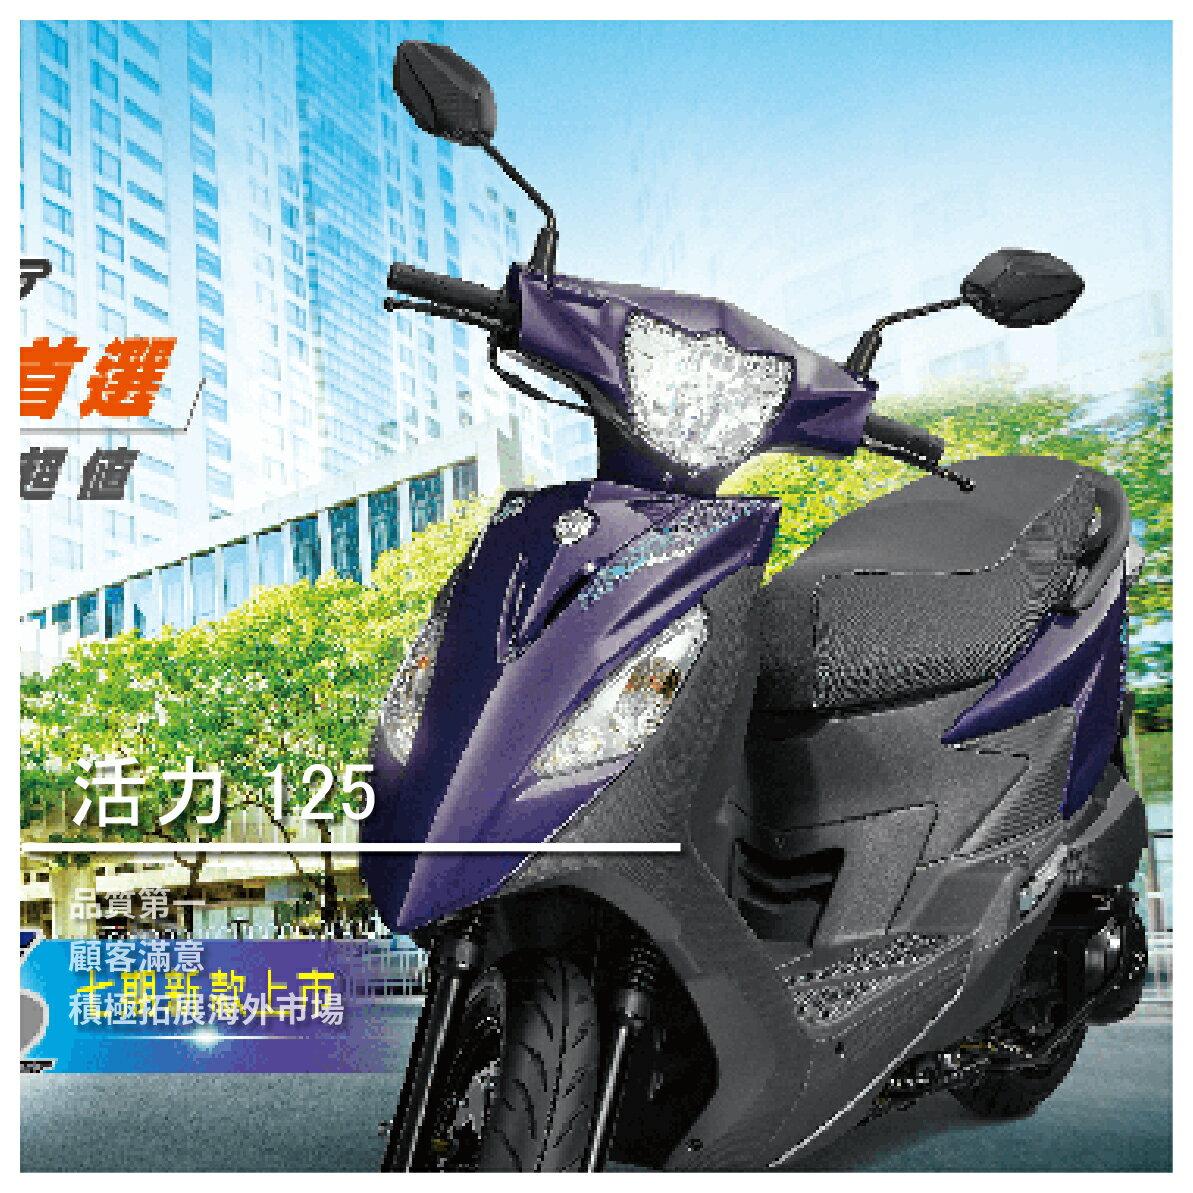 【SYM三陽機車-鋐安車業】 活力 125/54000起